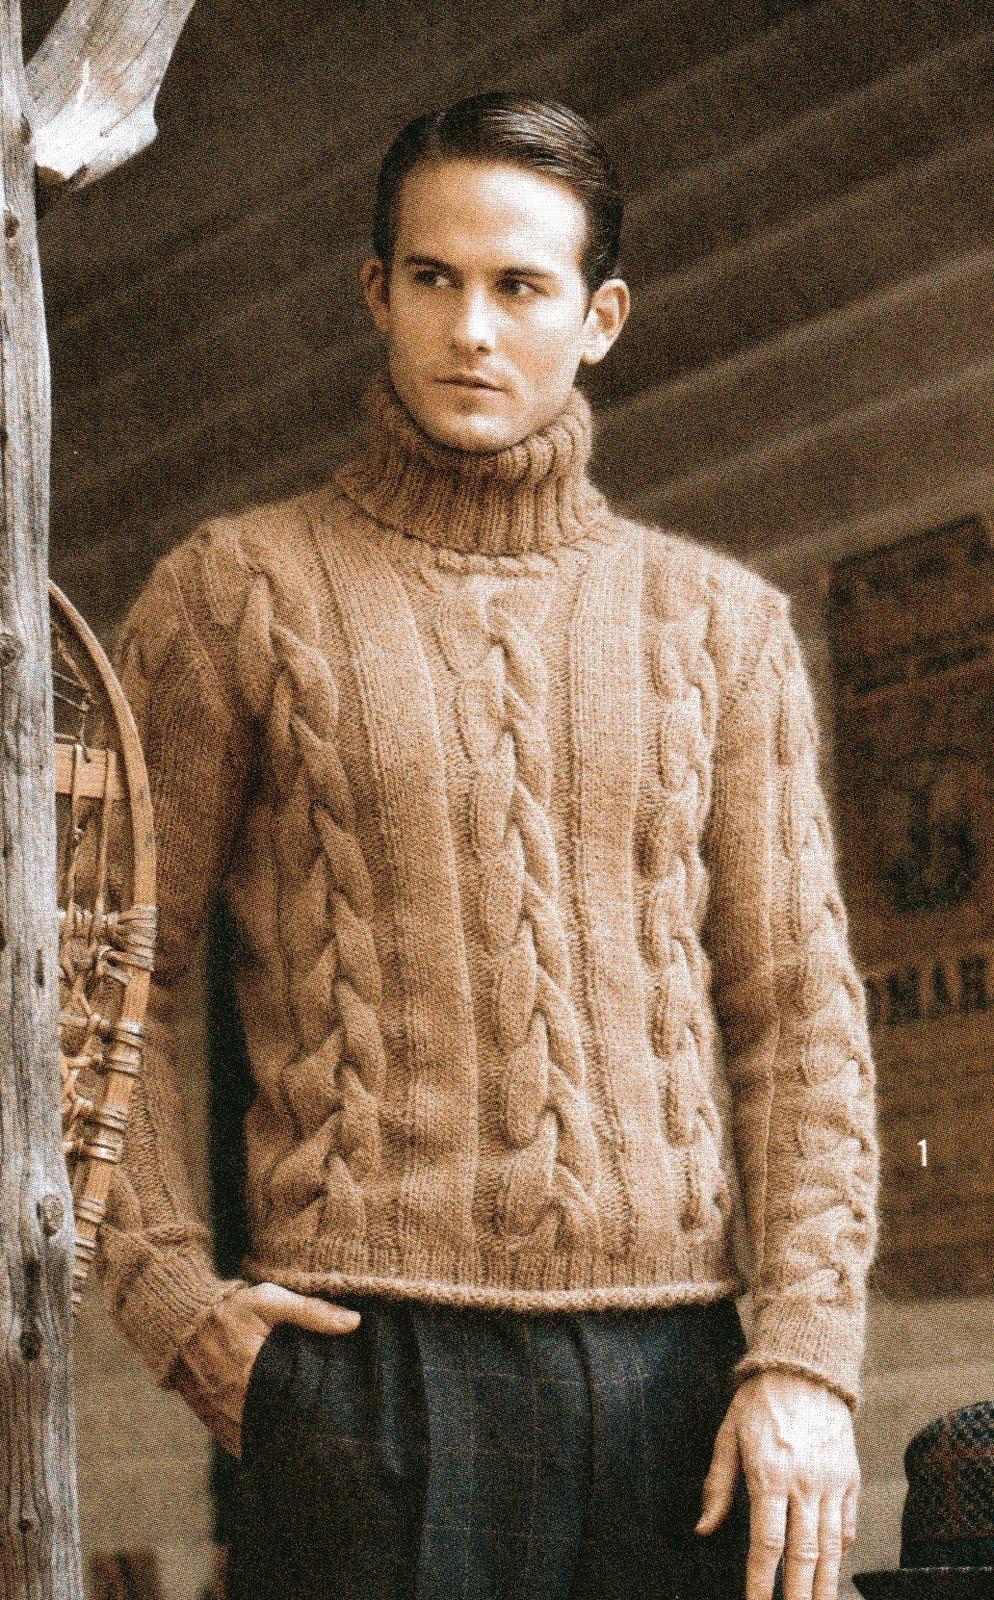 Samurai Knitter: Vogue Knitting, winter 2010-2011